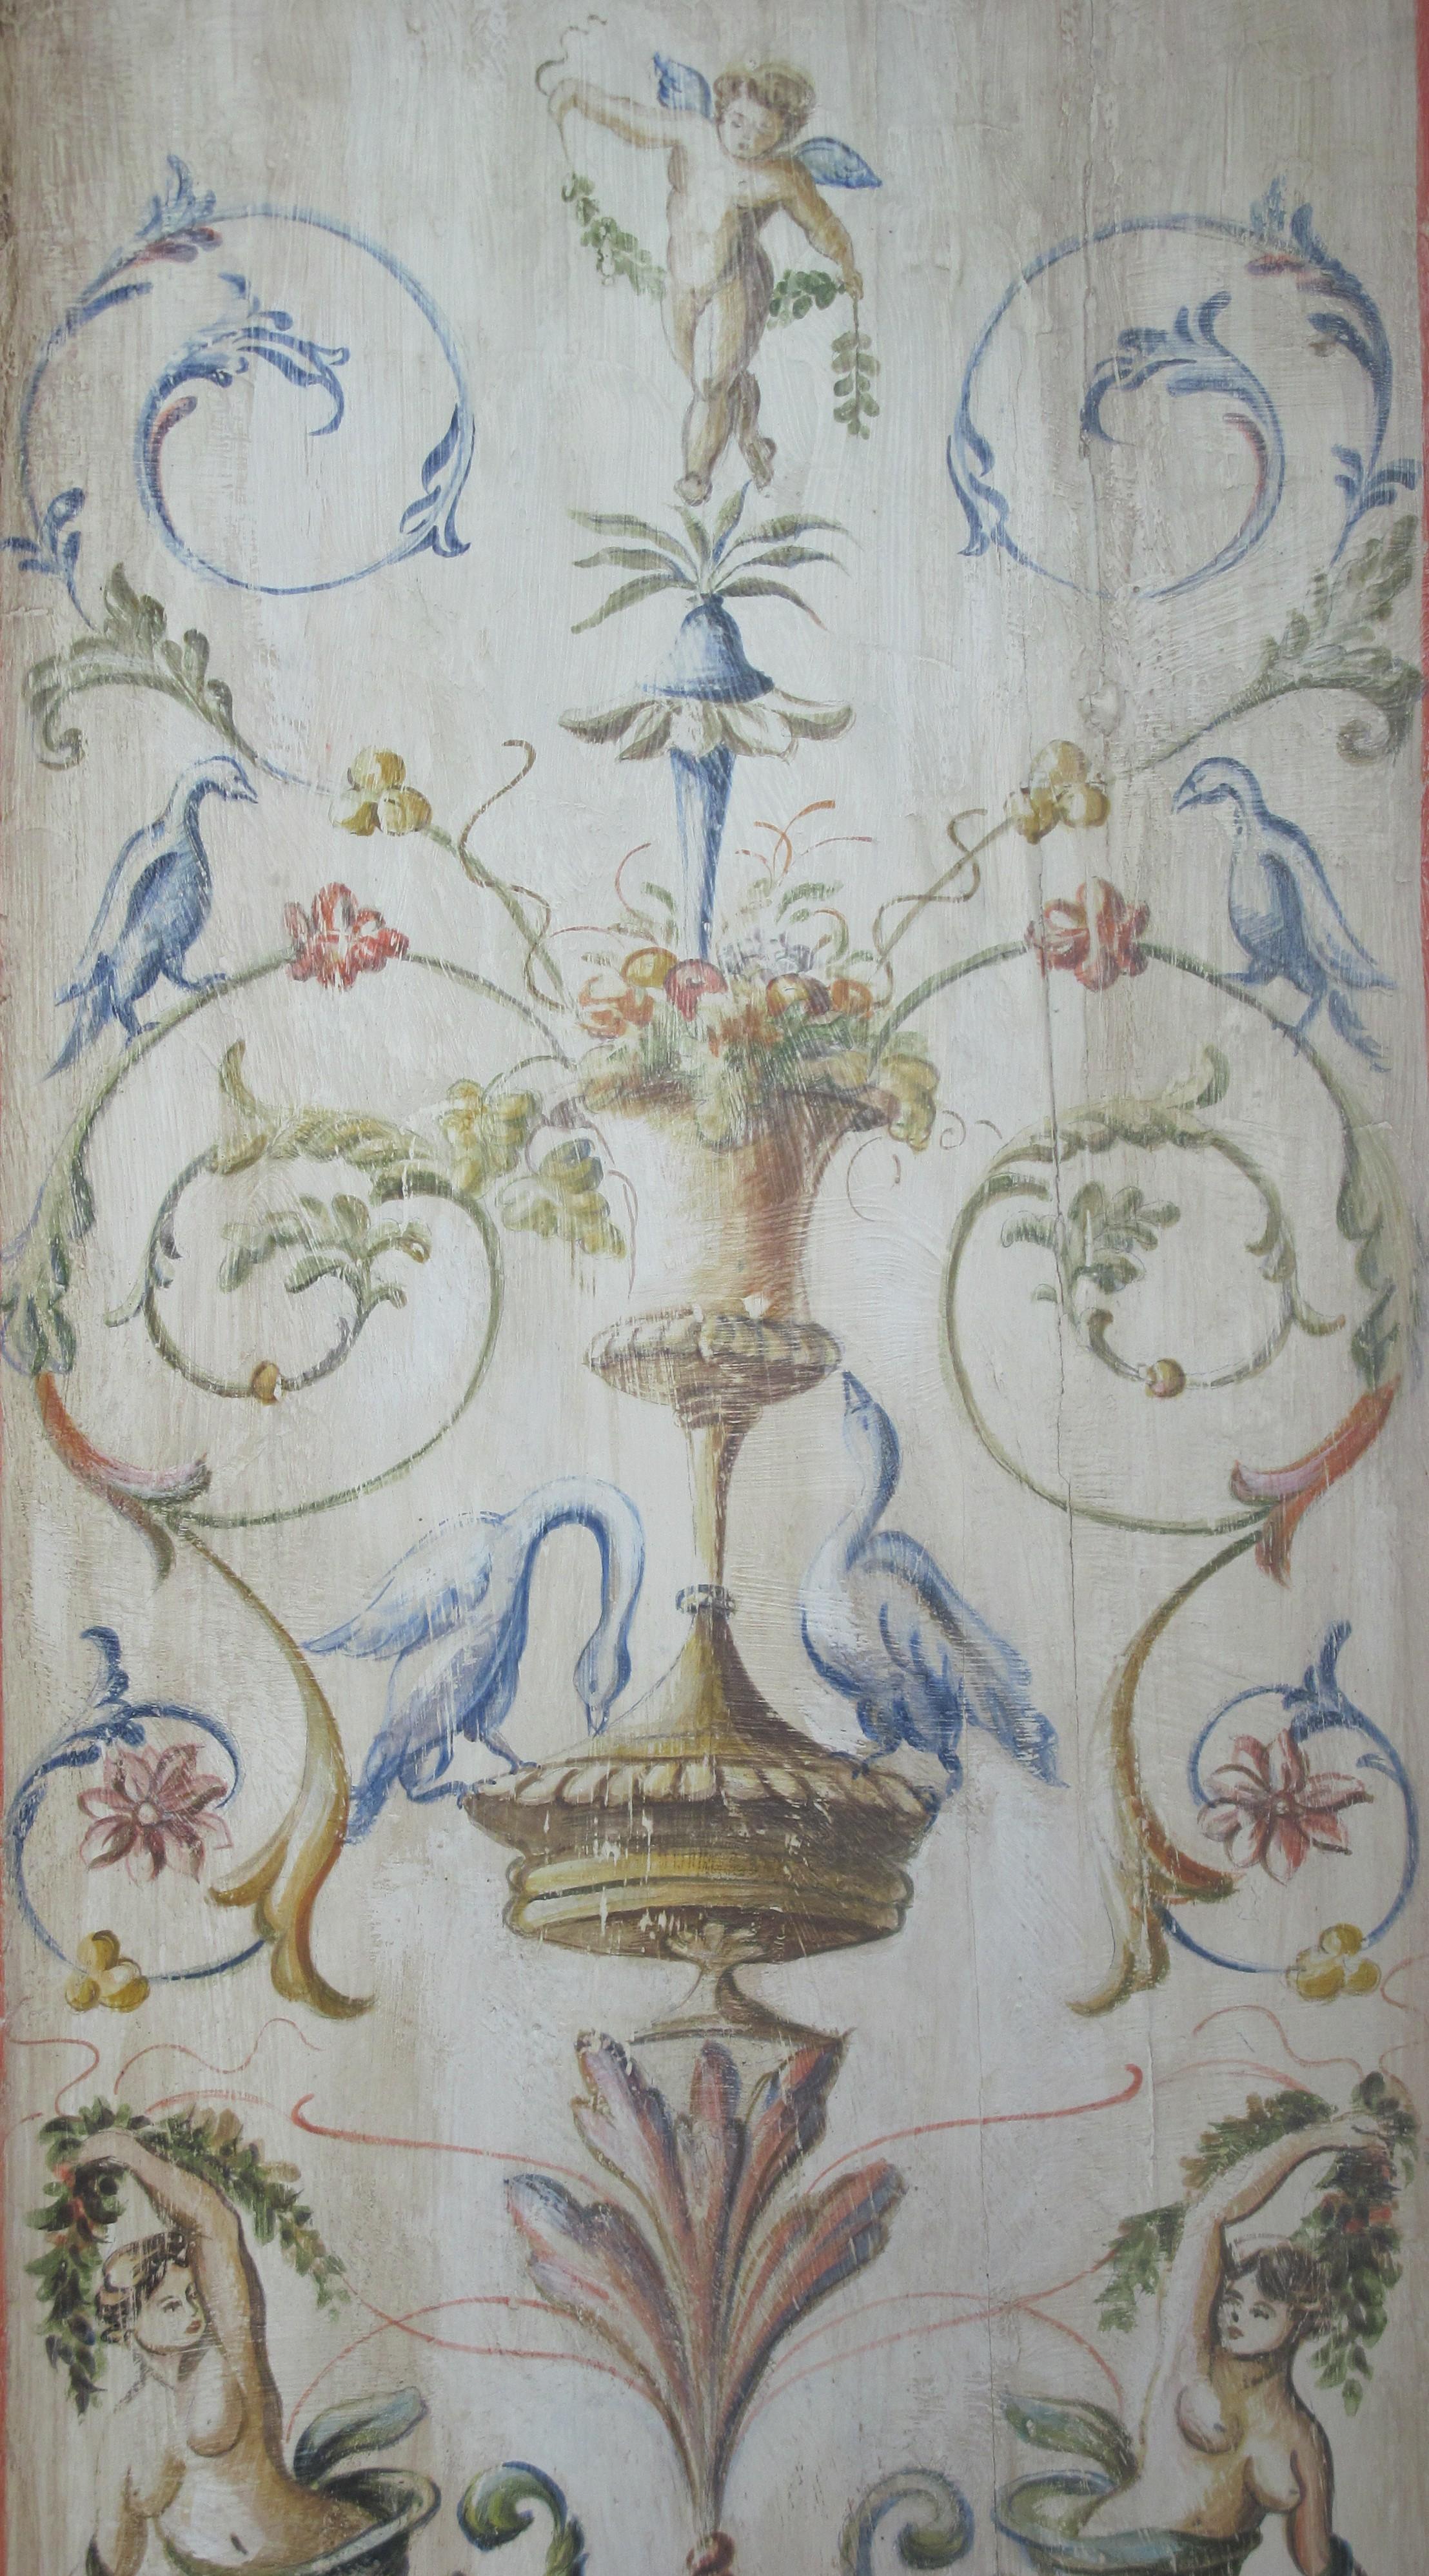 Rosalia cicerale corsi d 39 arte e decorazione - Decorazioni grottesche ...